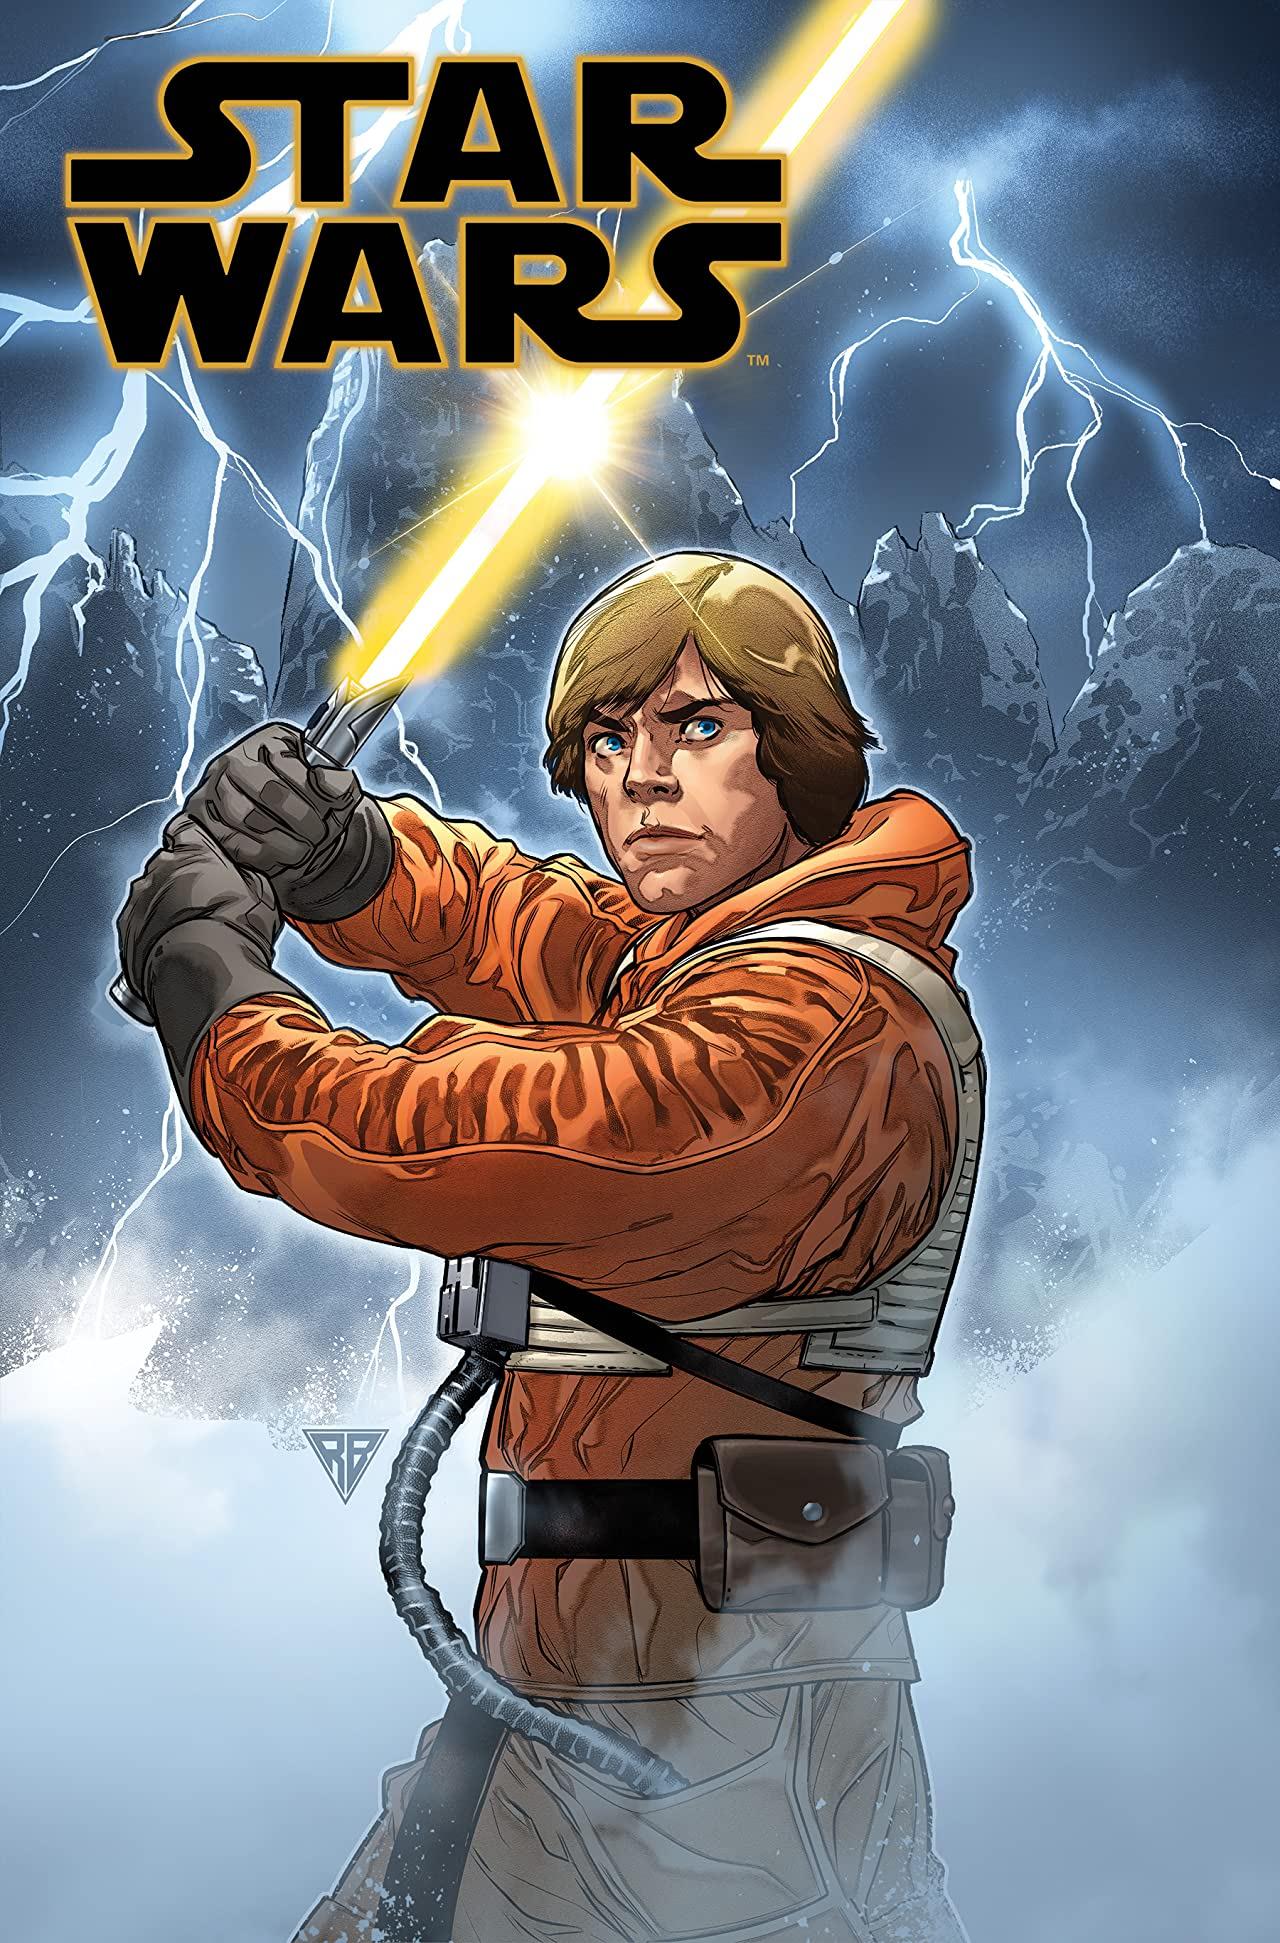 Star Wars Vol. 2: Operation Starlight (Trade Paperback)